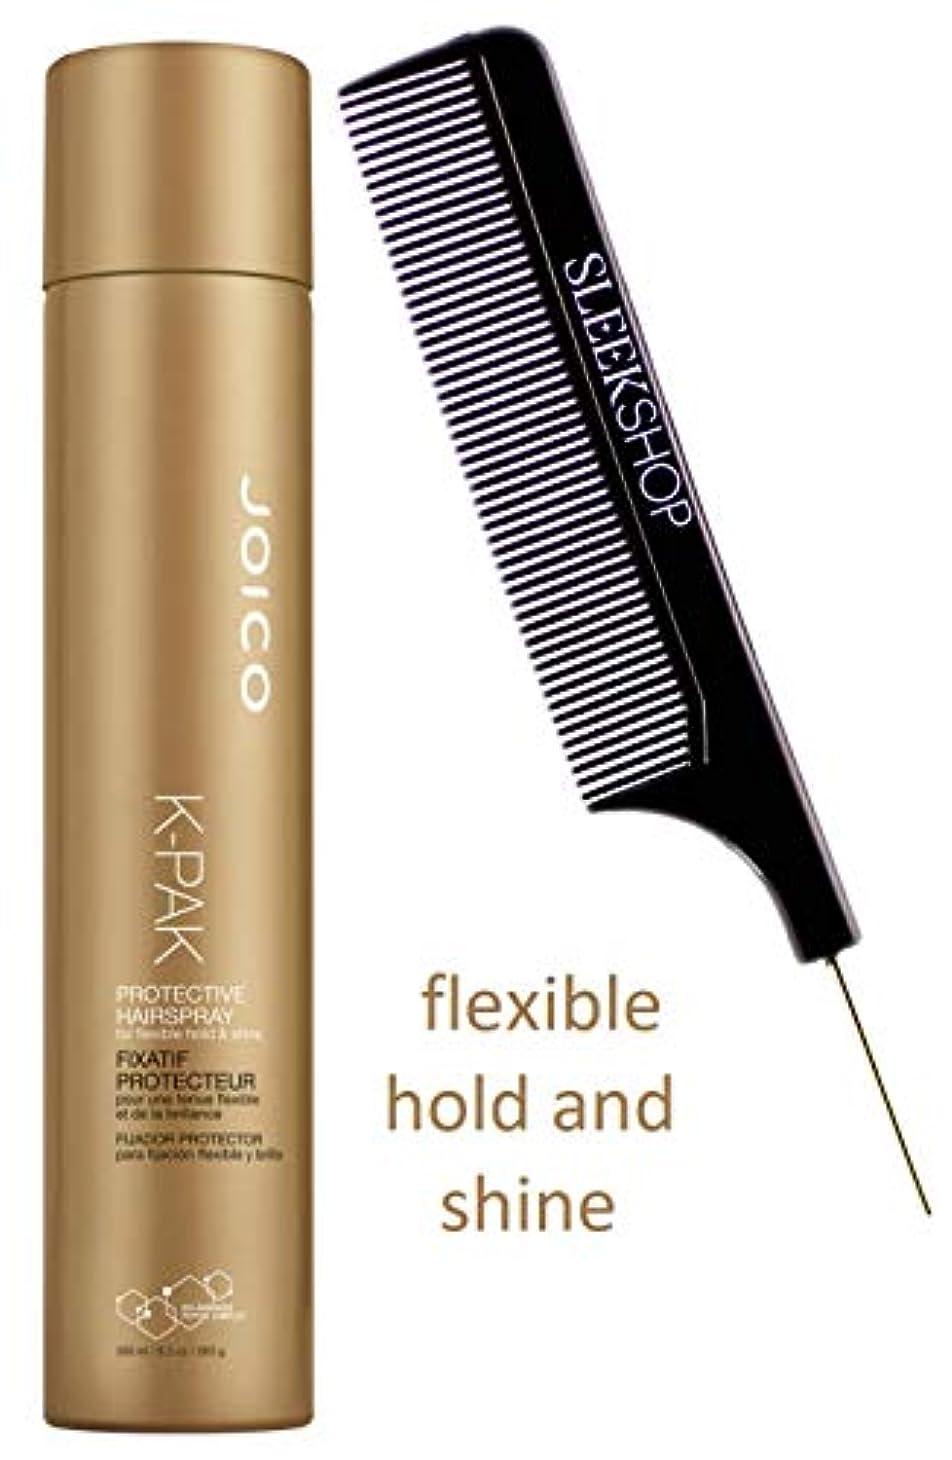 スチュワード義務づける明るくするJoico Aerosol Hairspray 保護ヘアスプレーのための柔軟なホールド&シャイン、エアゾールヘアースプレー(スタイリストキット)(K-パック - 8.9オンス/ 300 ml)を K-PAK - 8.9オンス...